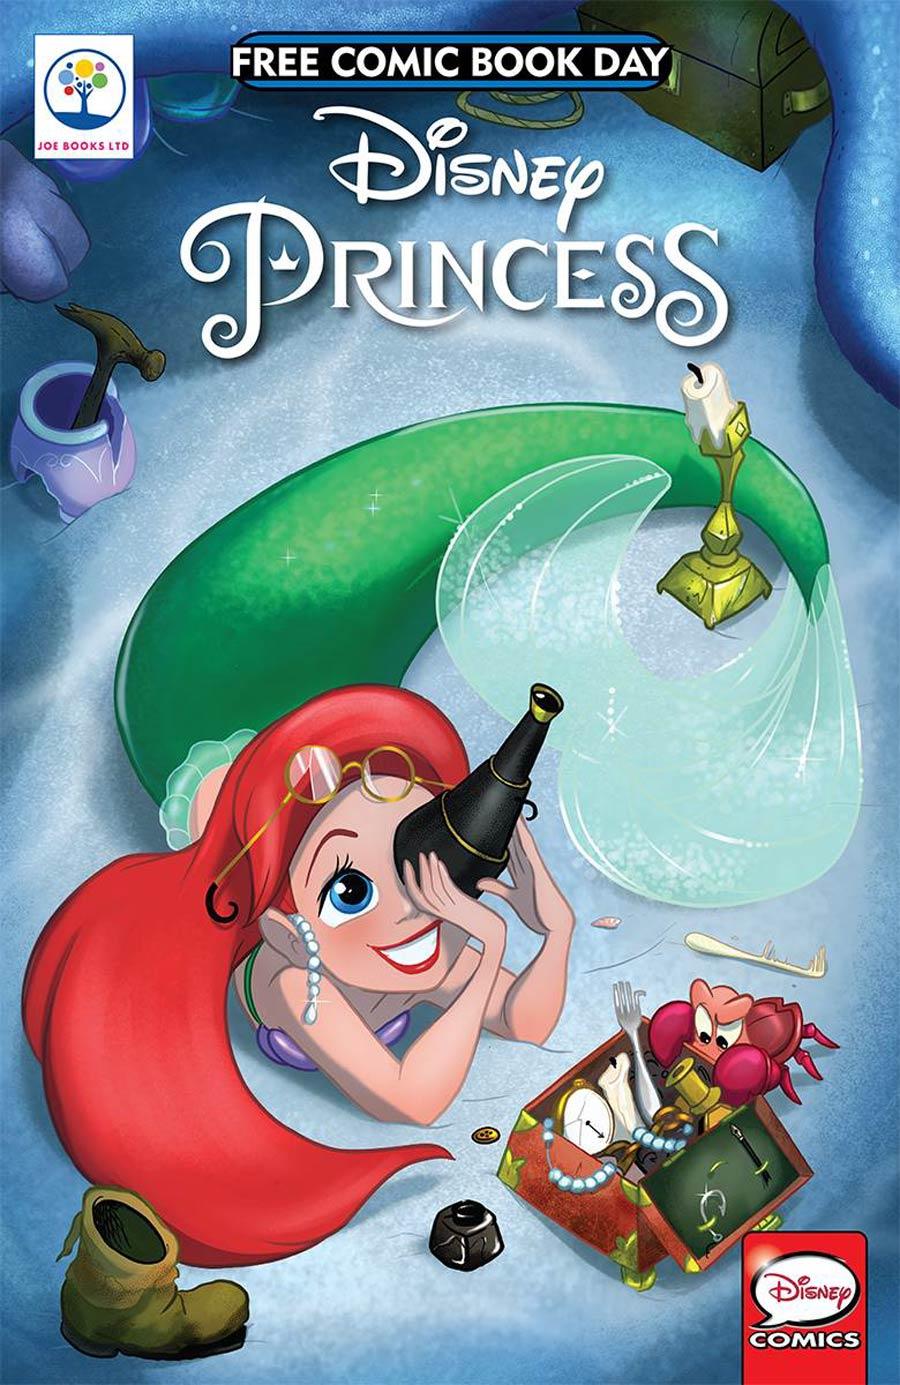 Disney Princess Ariel Spotlight FCBD 2018